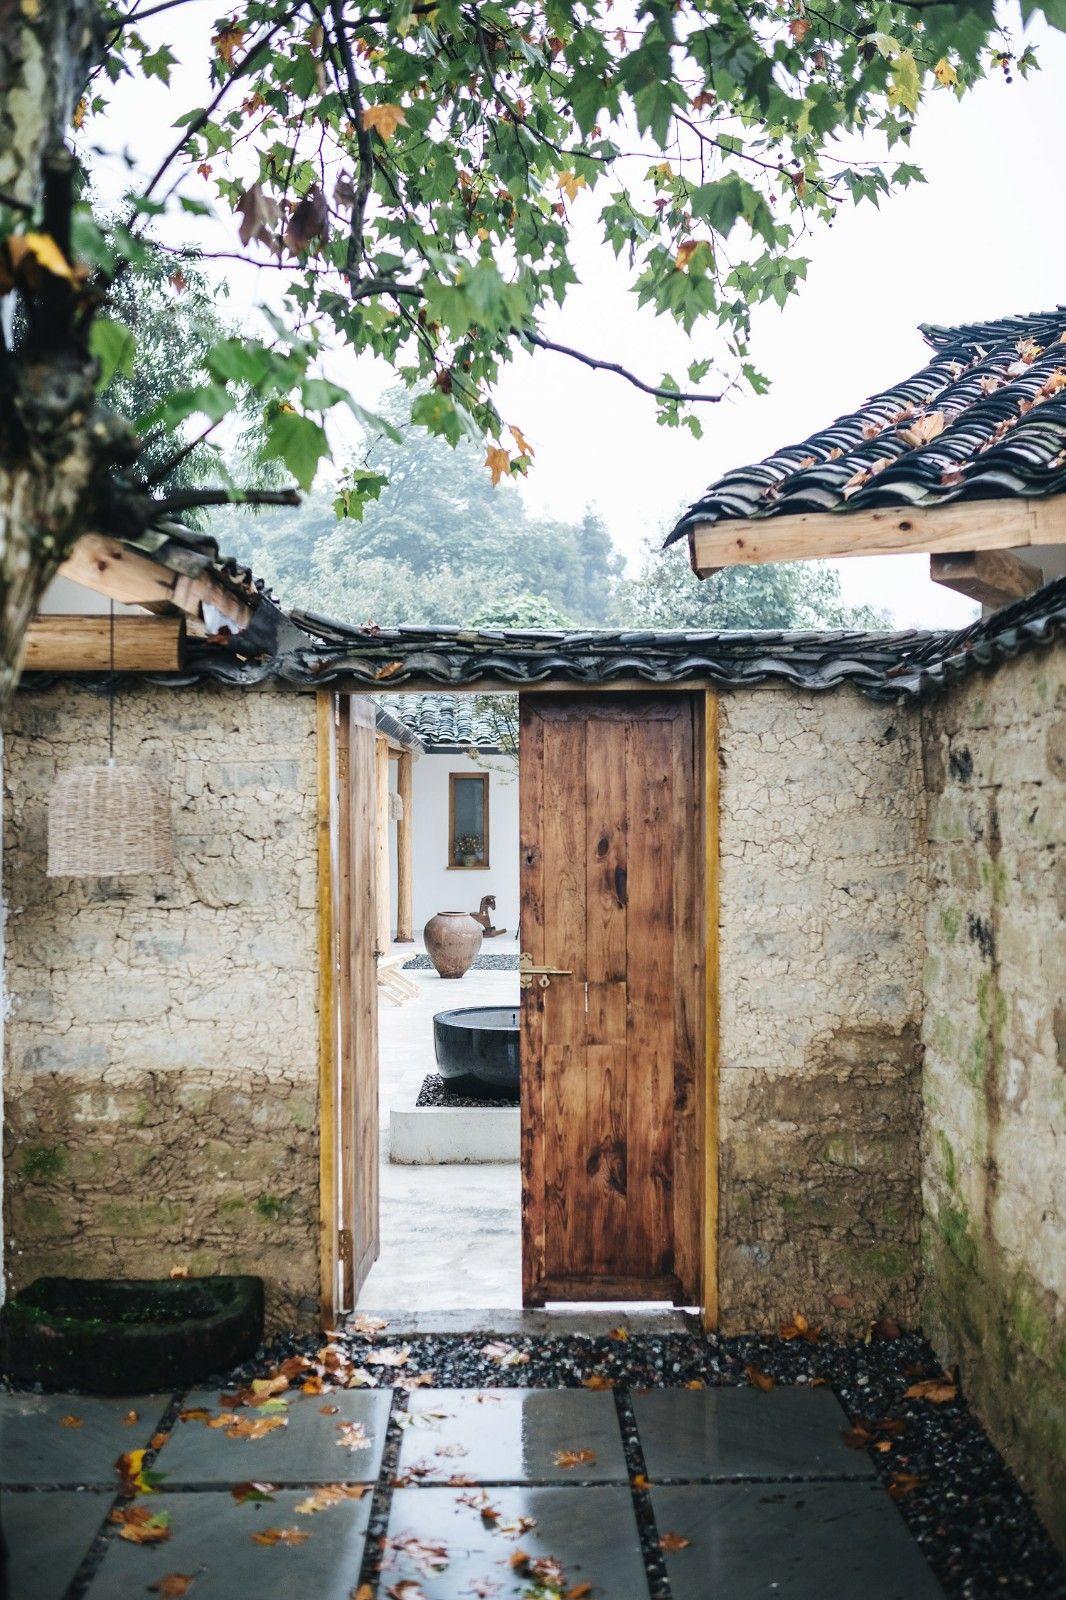 记忆里的悠悠茶香·四川-小茶院 | 使然设计|使然设计 - 3